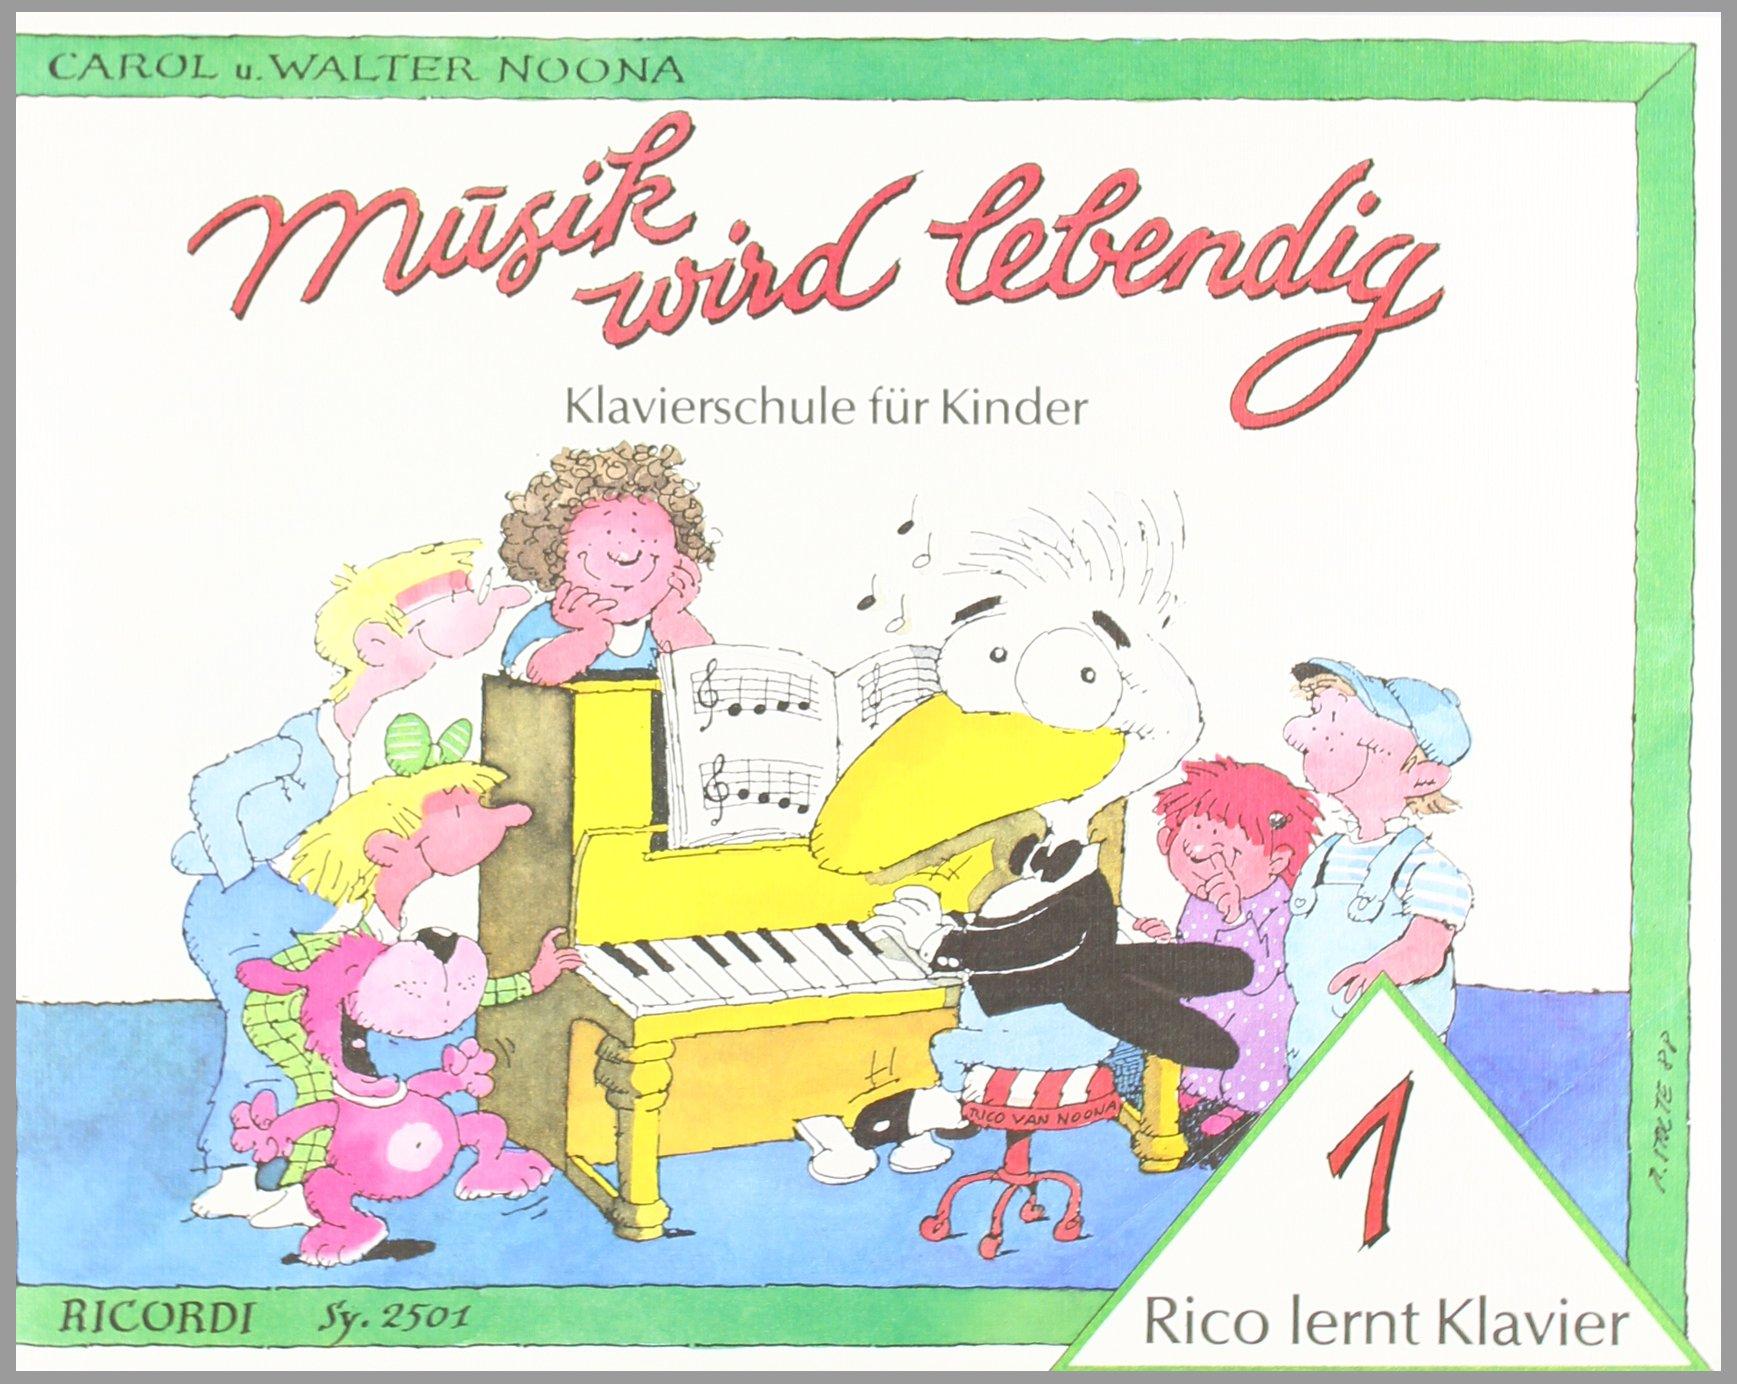 Rico lernt Klavier 1: Musik wird lebendig Taschenbuch – 1. Januar 1989 Walter Noona Ricordi 393178844X Instrumentenunterricht